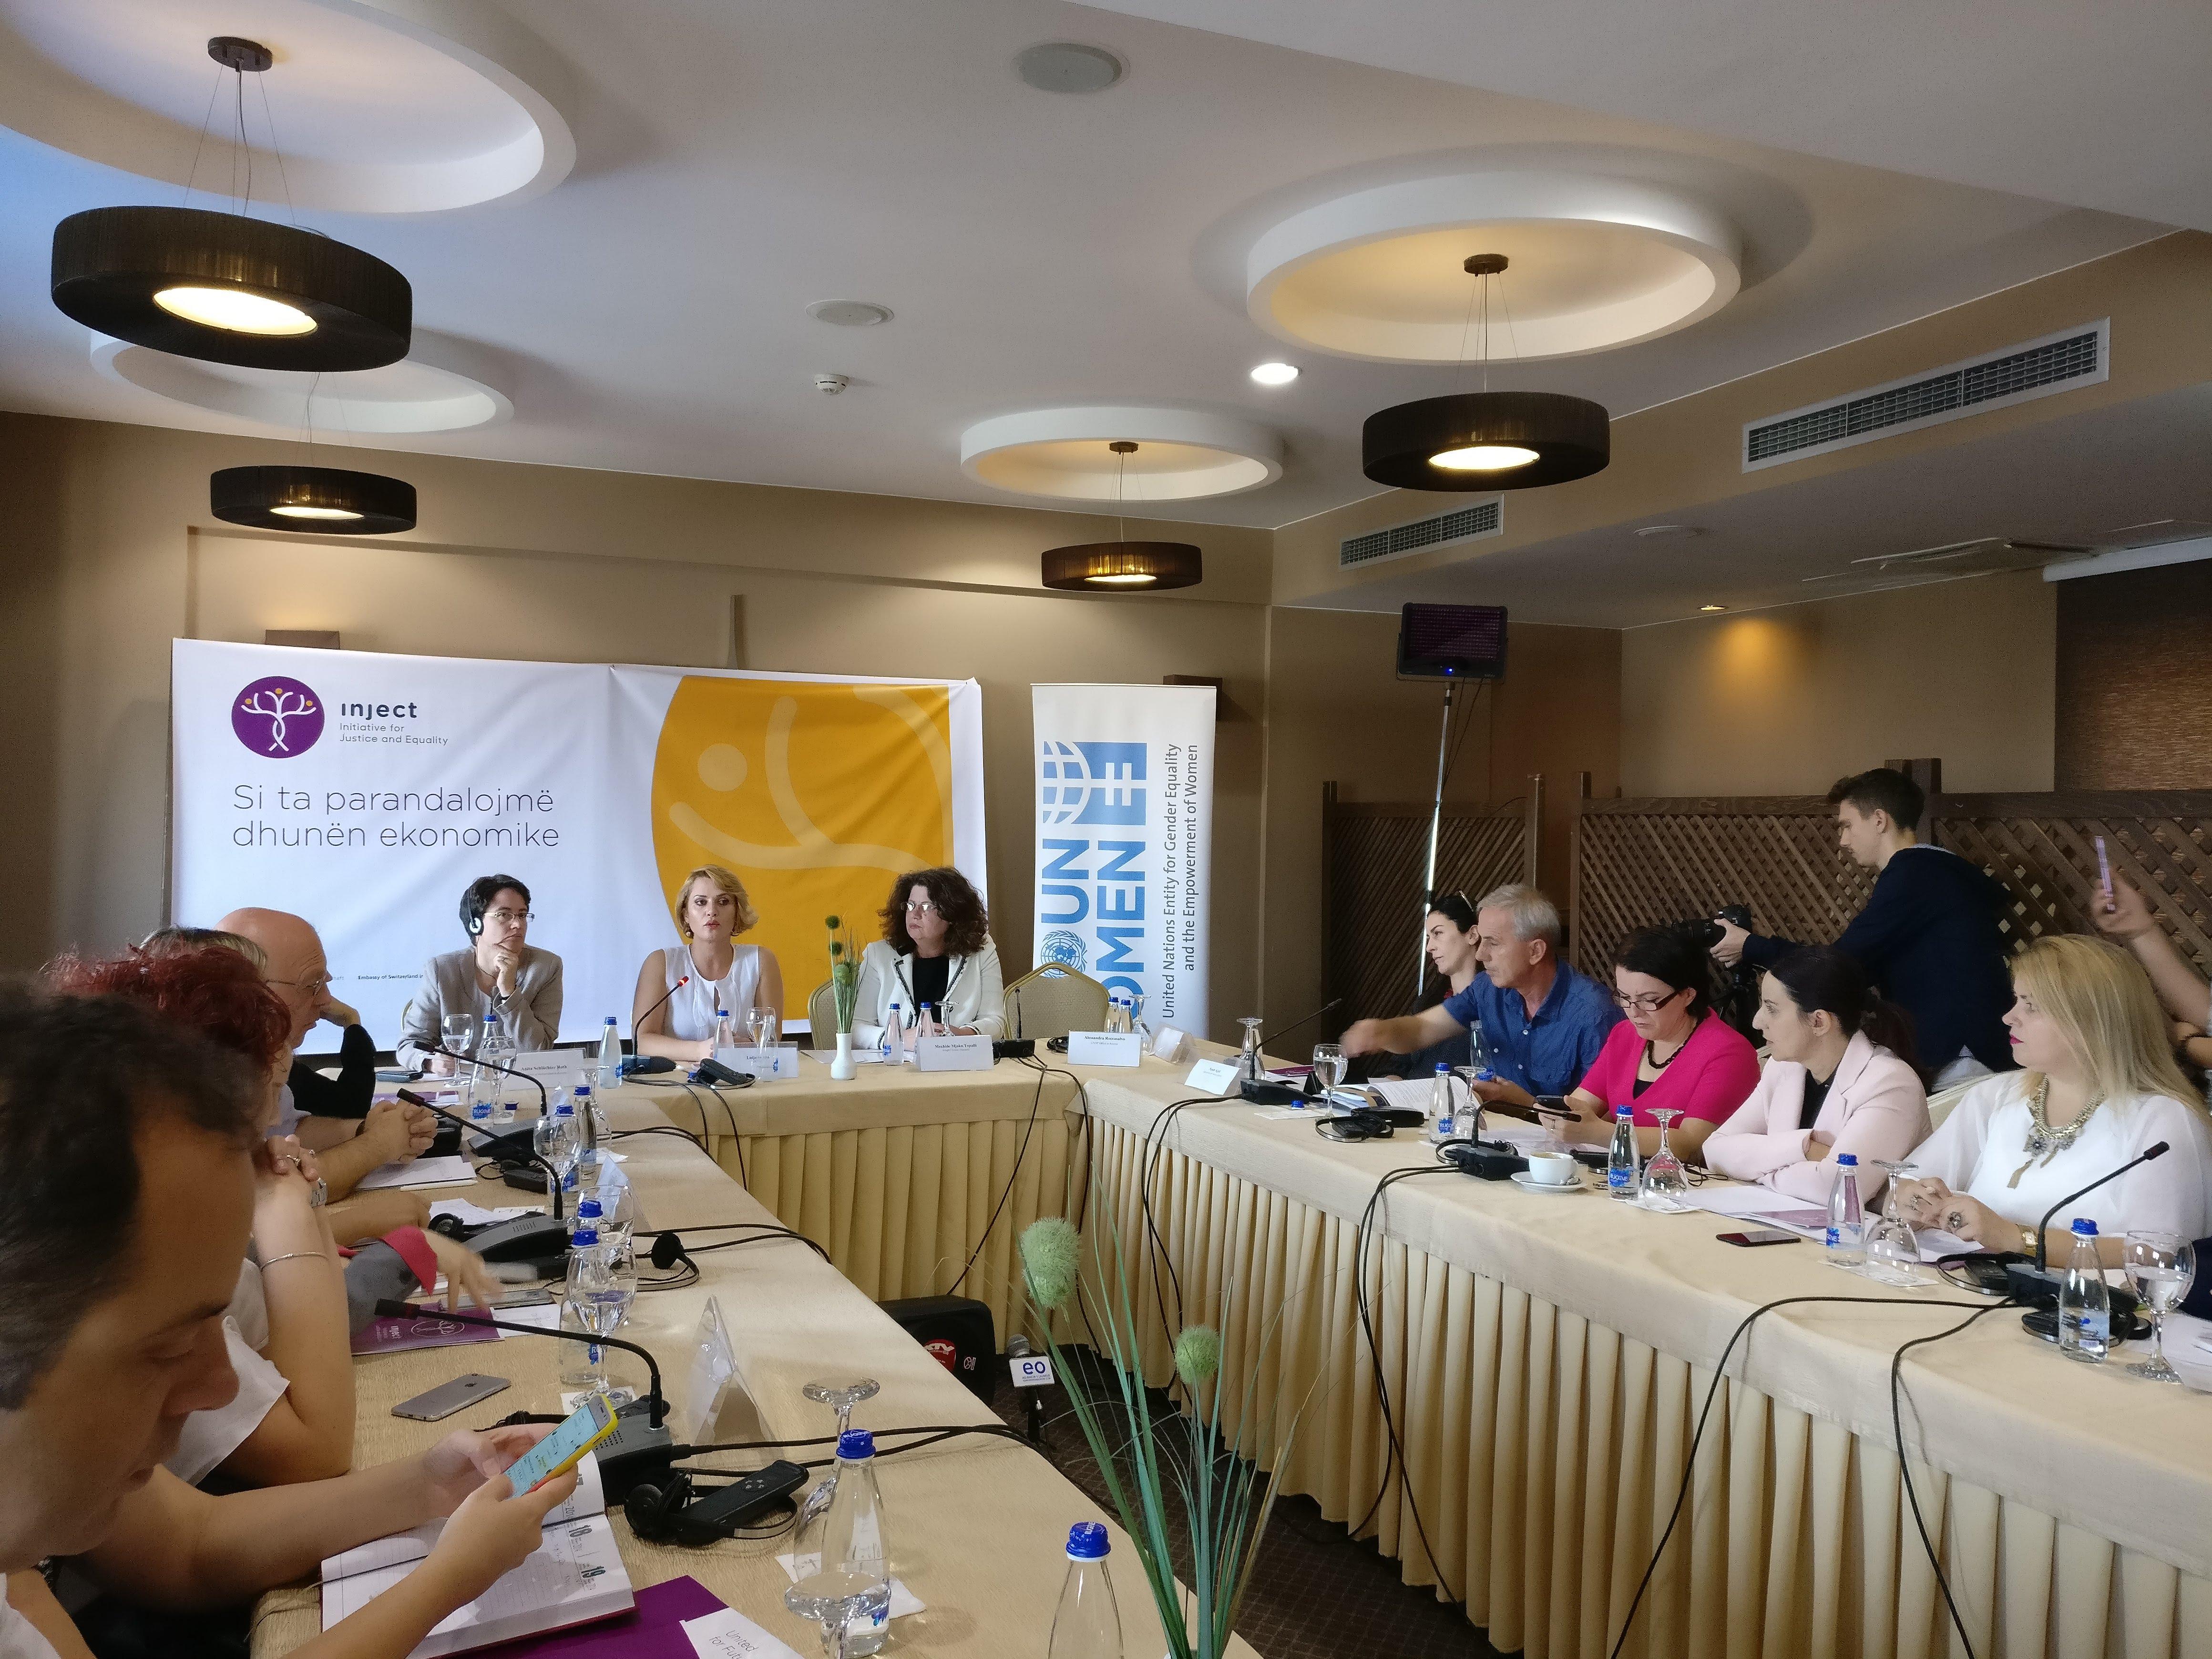 Kokous käsittelee taloudellisen väkivallan ehkäisyä. Kuva: Charlotta Lahnalahti